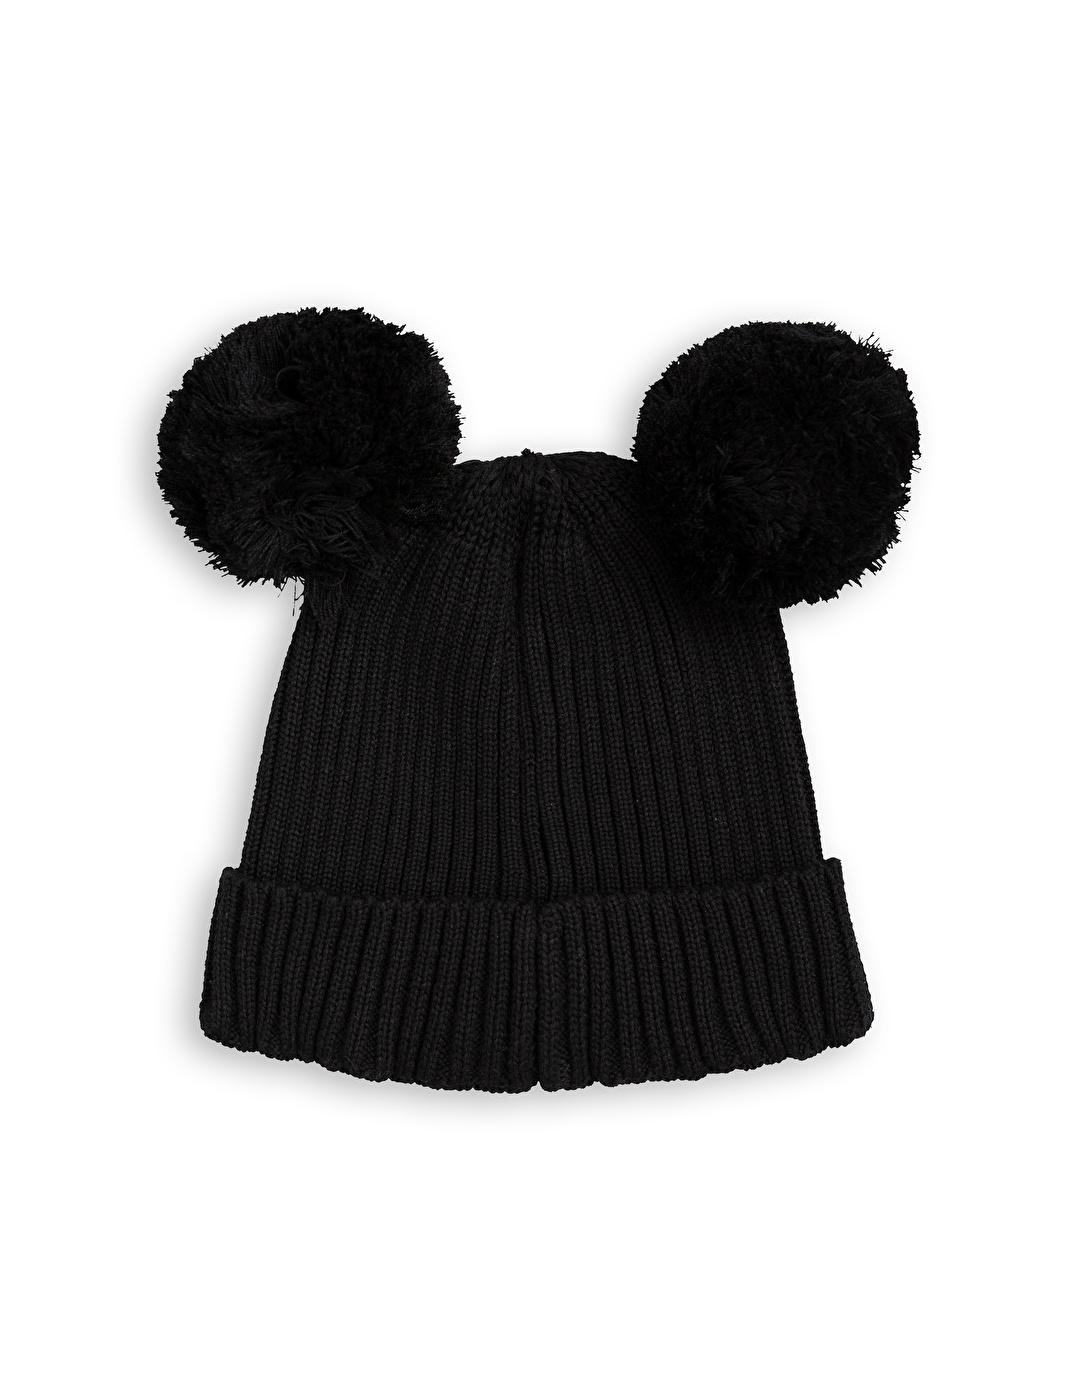 1776513299-2-mini-rodini-ear-hat-black